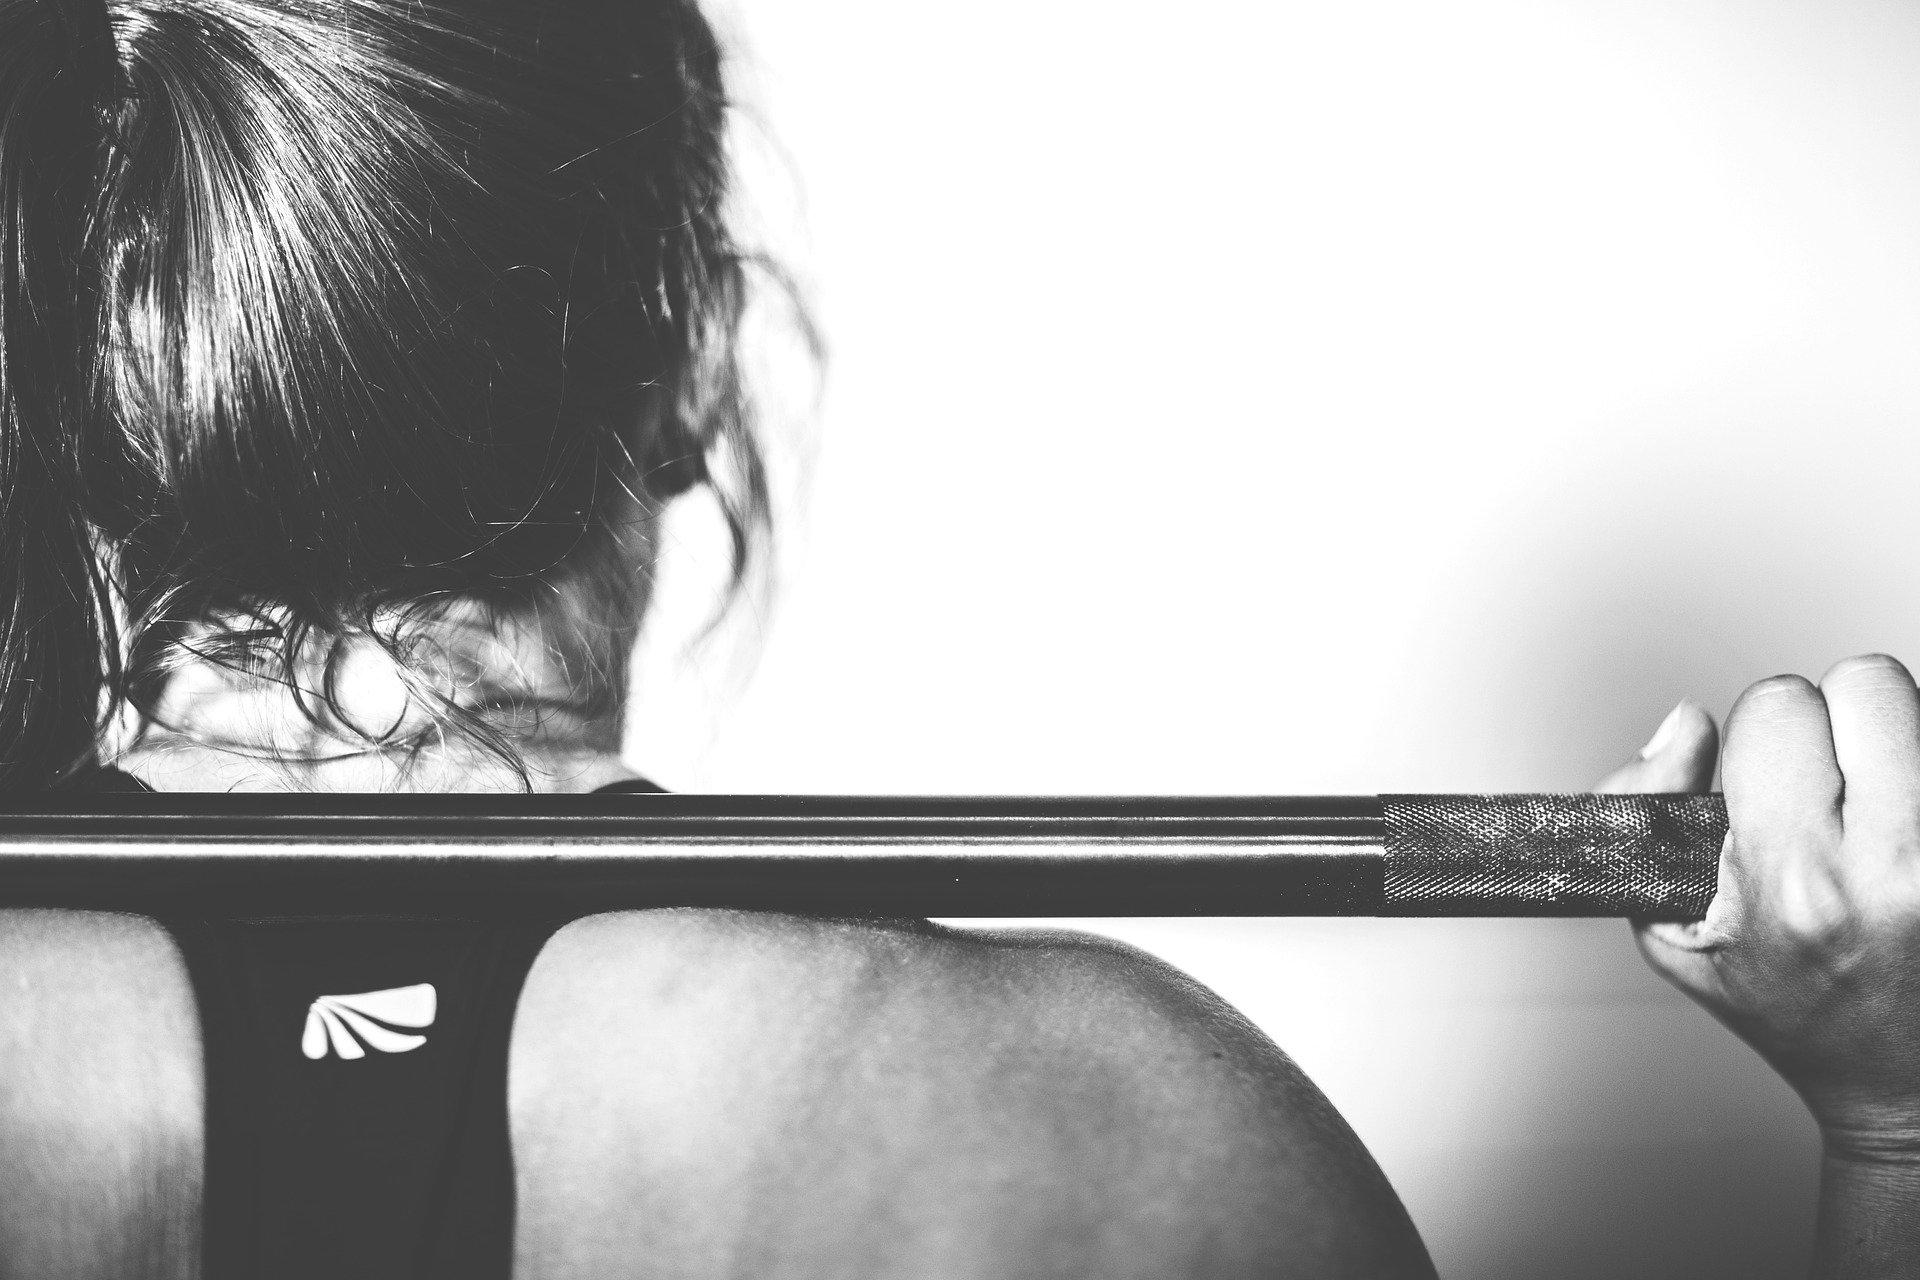 減量しながら筋肉はつけられる?【増量期と減量期】